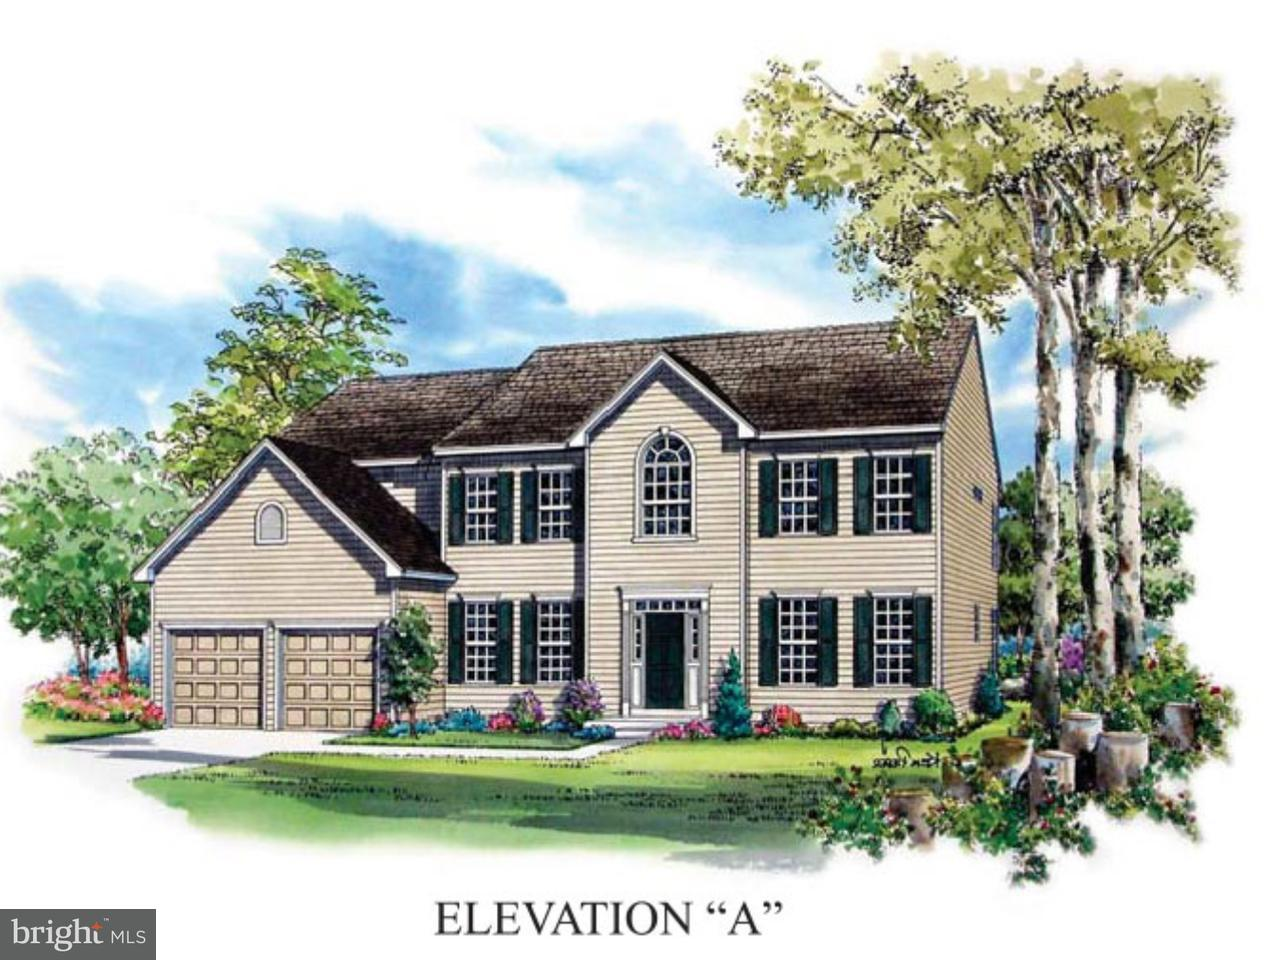 独户住宅 为 销售 在 29725 MILLRACE Lane 米尔斯伯勒, 特拉华州 19966 美国